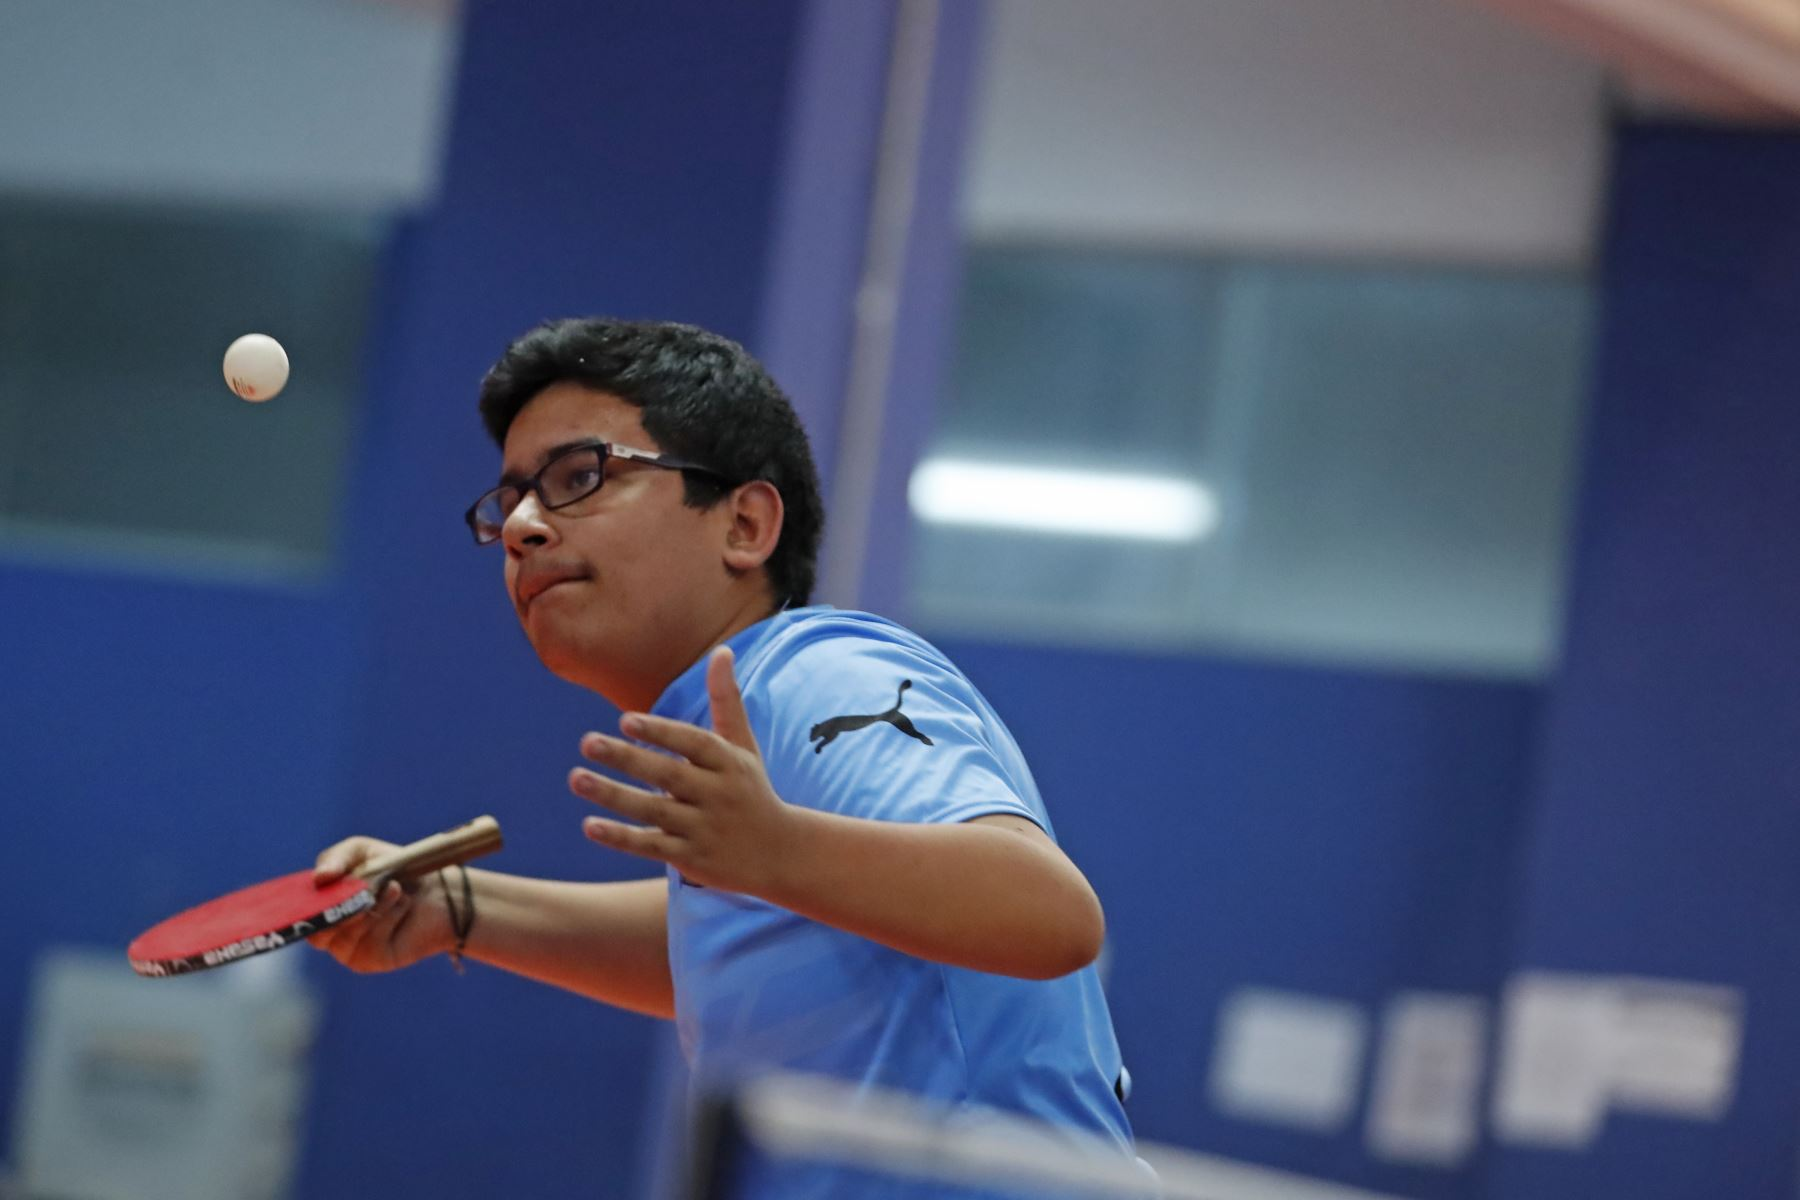 Juan Huerta Rodriguez del Colegio Liceo de Trujillo participa en categoría Tenis de Mesa de los Juegos Escolares 2019. Foto: ANDINA/Renato Pajuelo